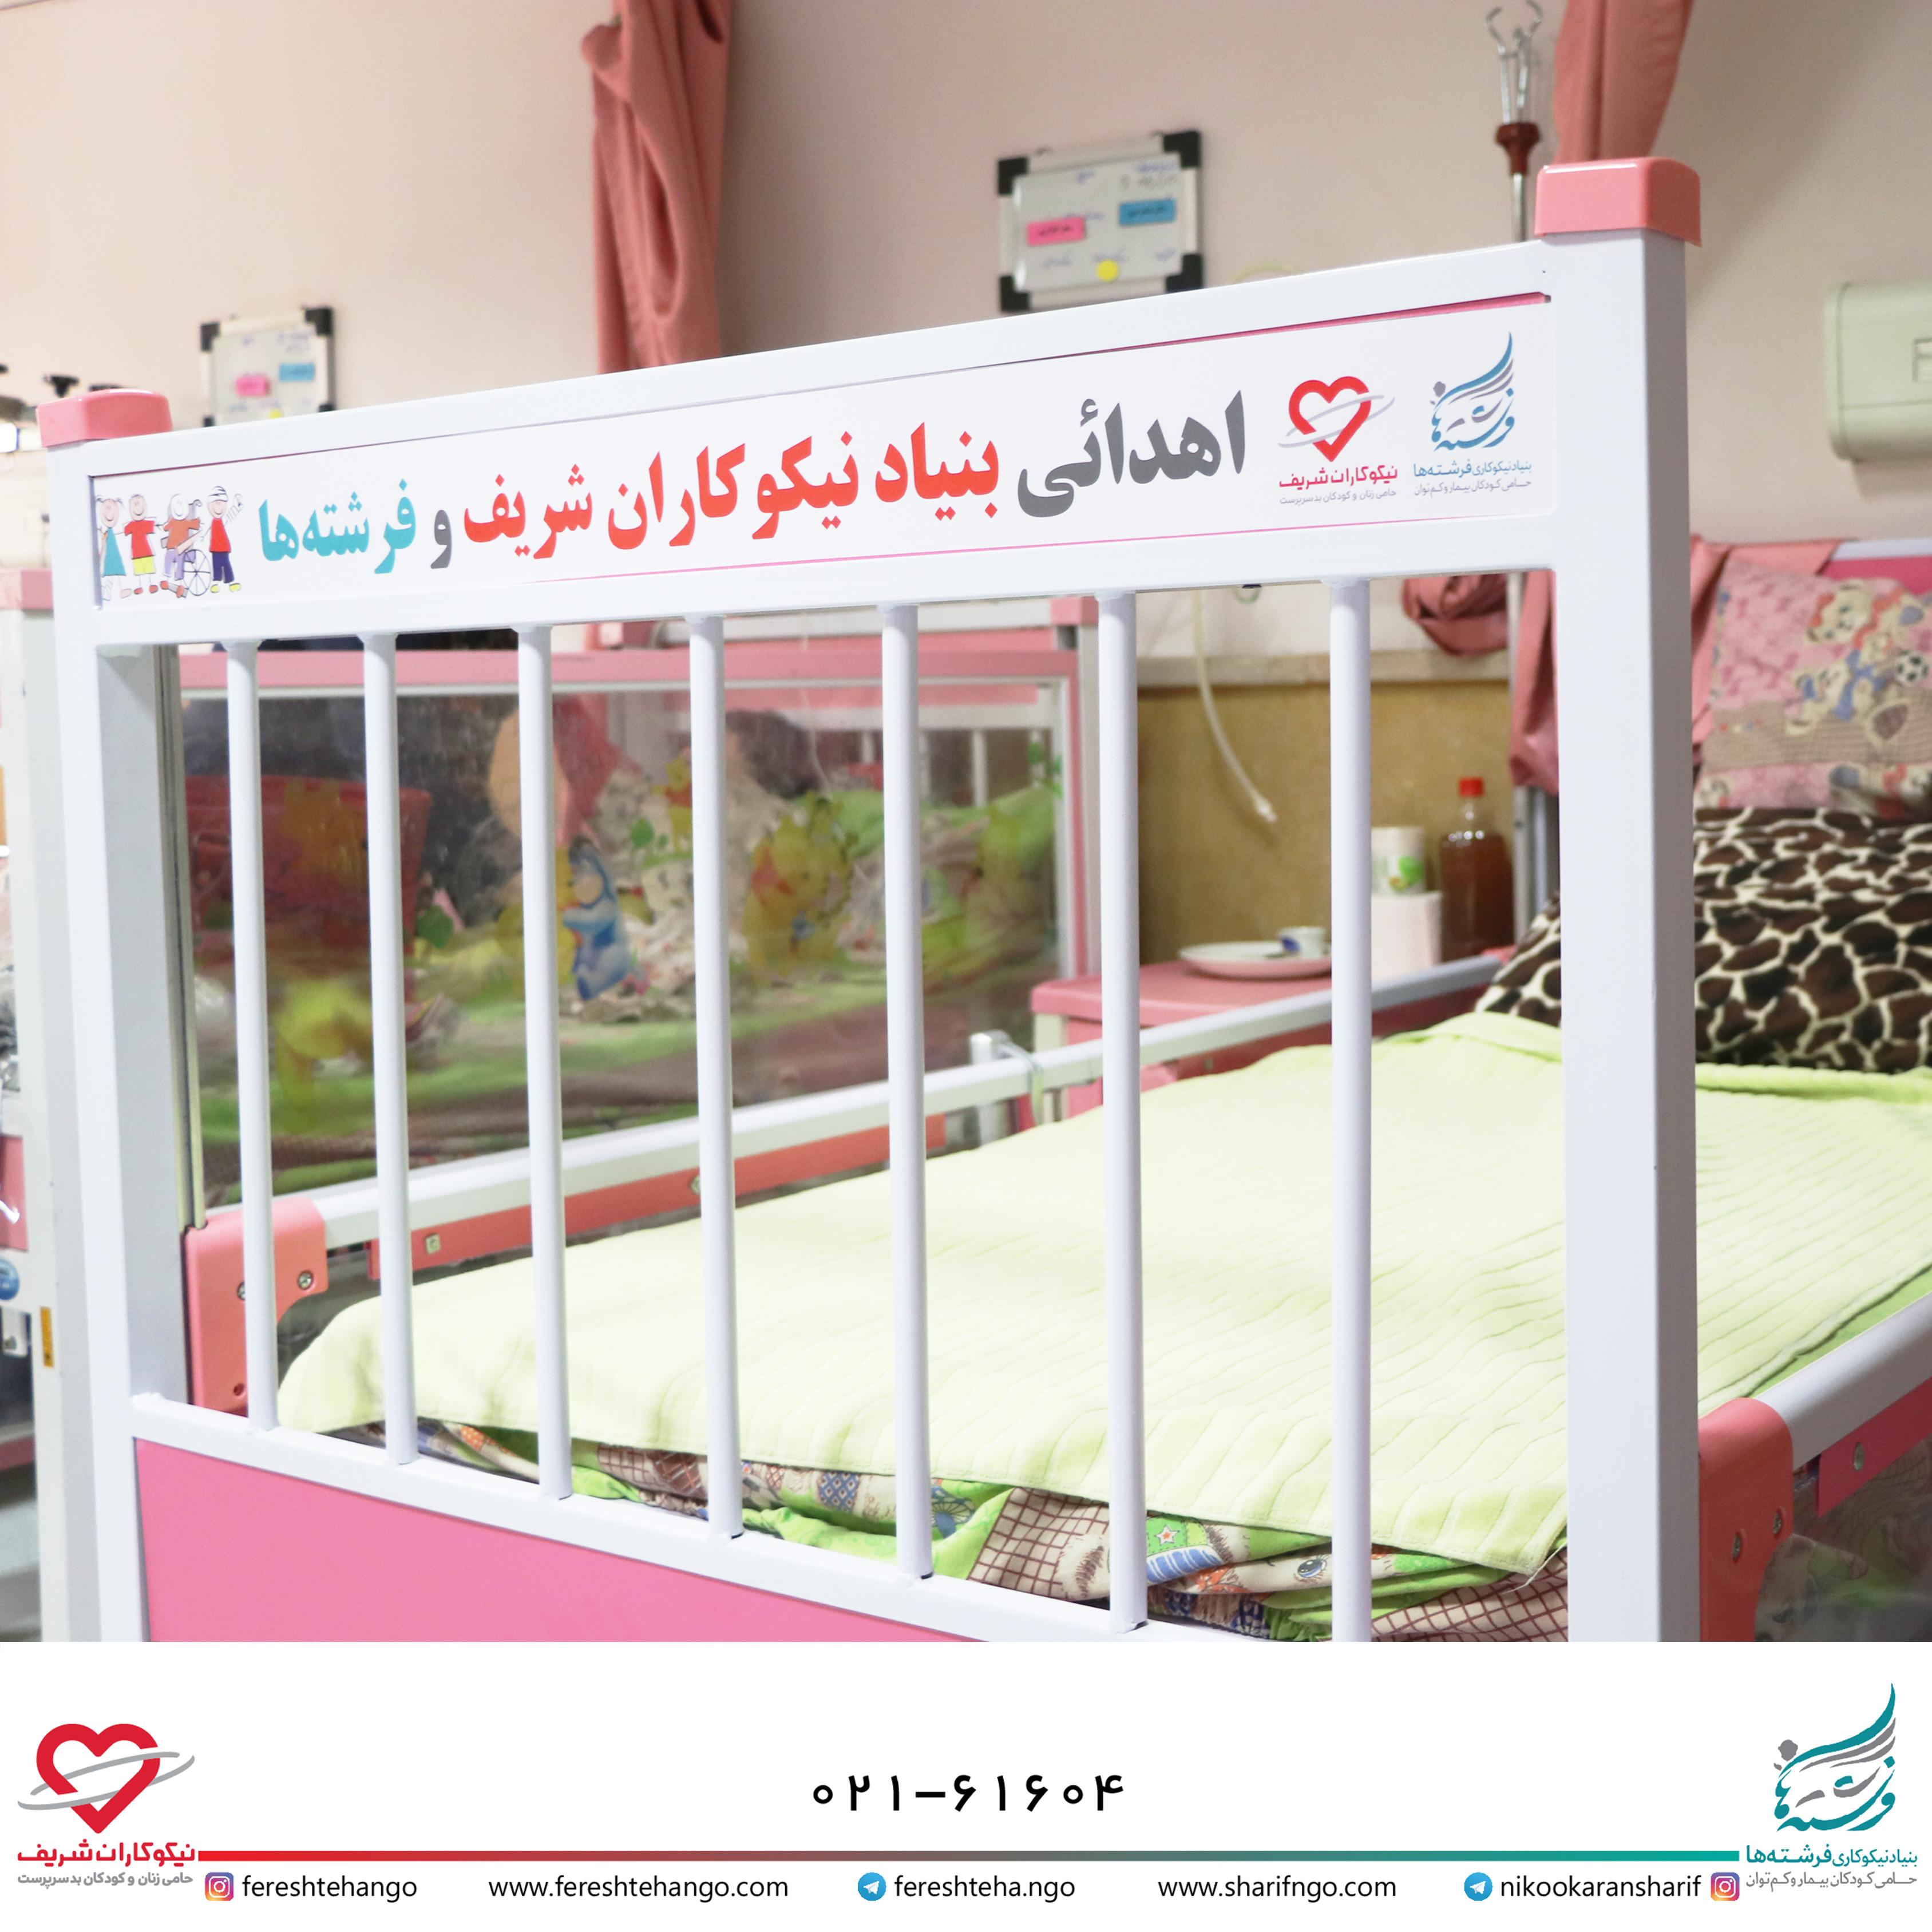 اهدای تخت های بیمارستانی به بخش اطفال بیمارستان رفیده تهران